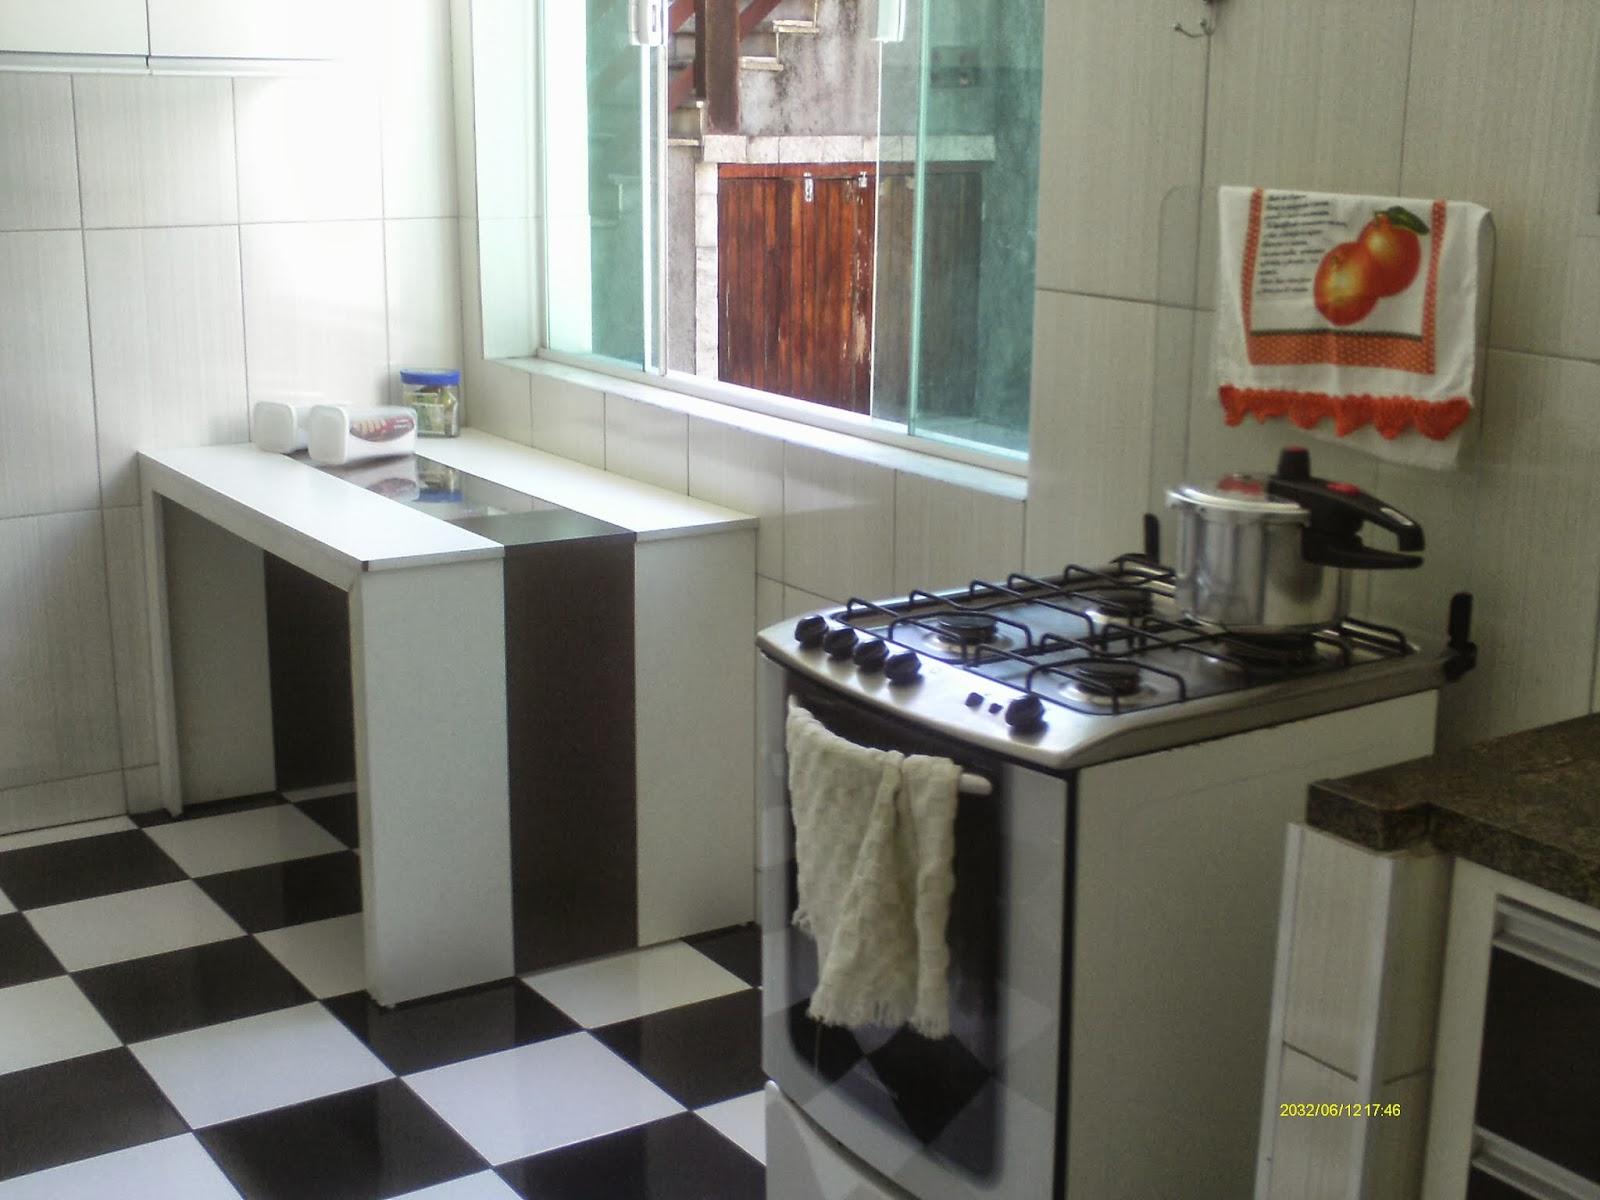 Casa Cocotá Ilha do Governador Avelino Freire Imóveis #6F4536 1600x1200 Banheiro Com Hidro Pequeno